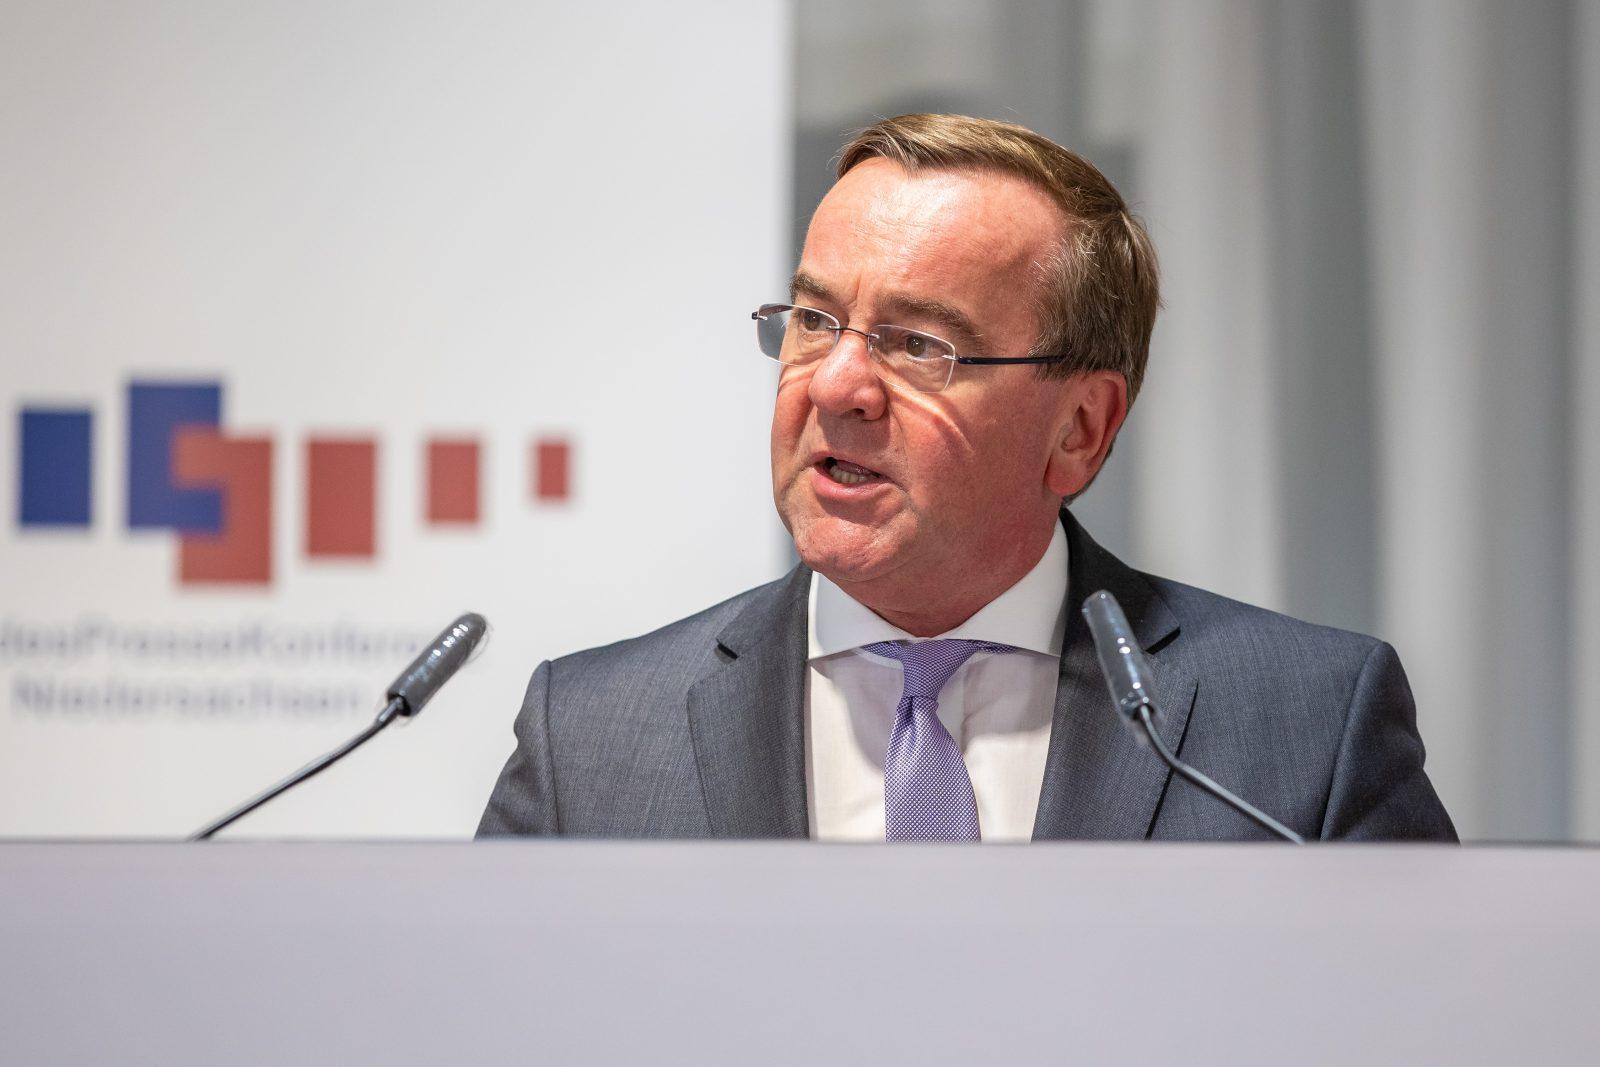 Niedersachsens Innenminister Boris Pistorius (SPD) will Polizeianwärter stärker unter die Lupe nehmen Foto: picture alliance/Moritz Frankenberg/dpa